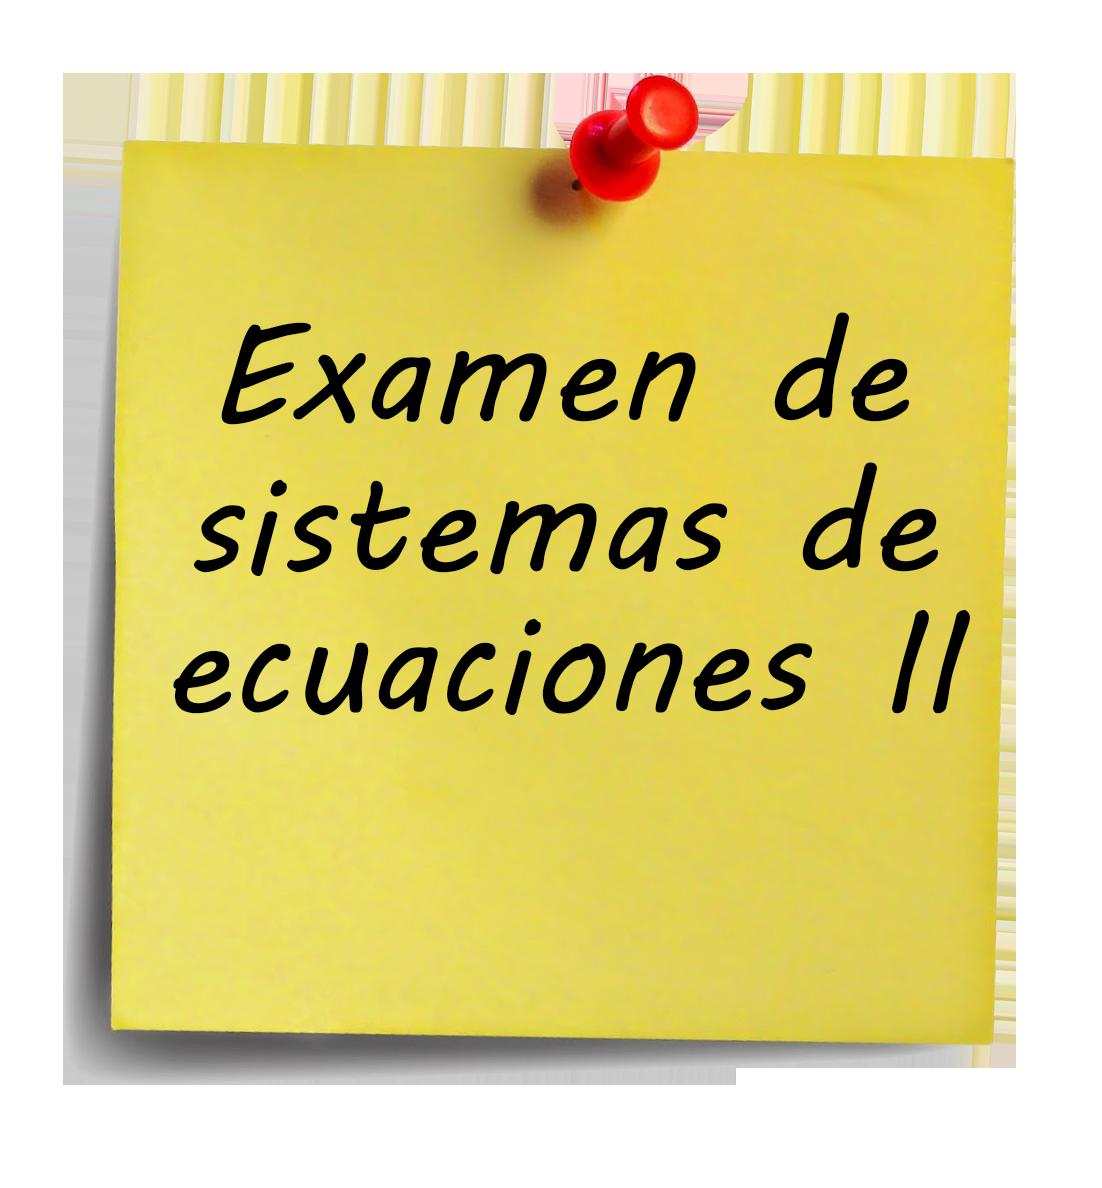 examen-de-sistemas-de-ecuaciones-ii